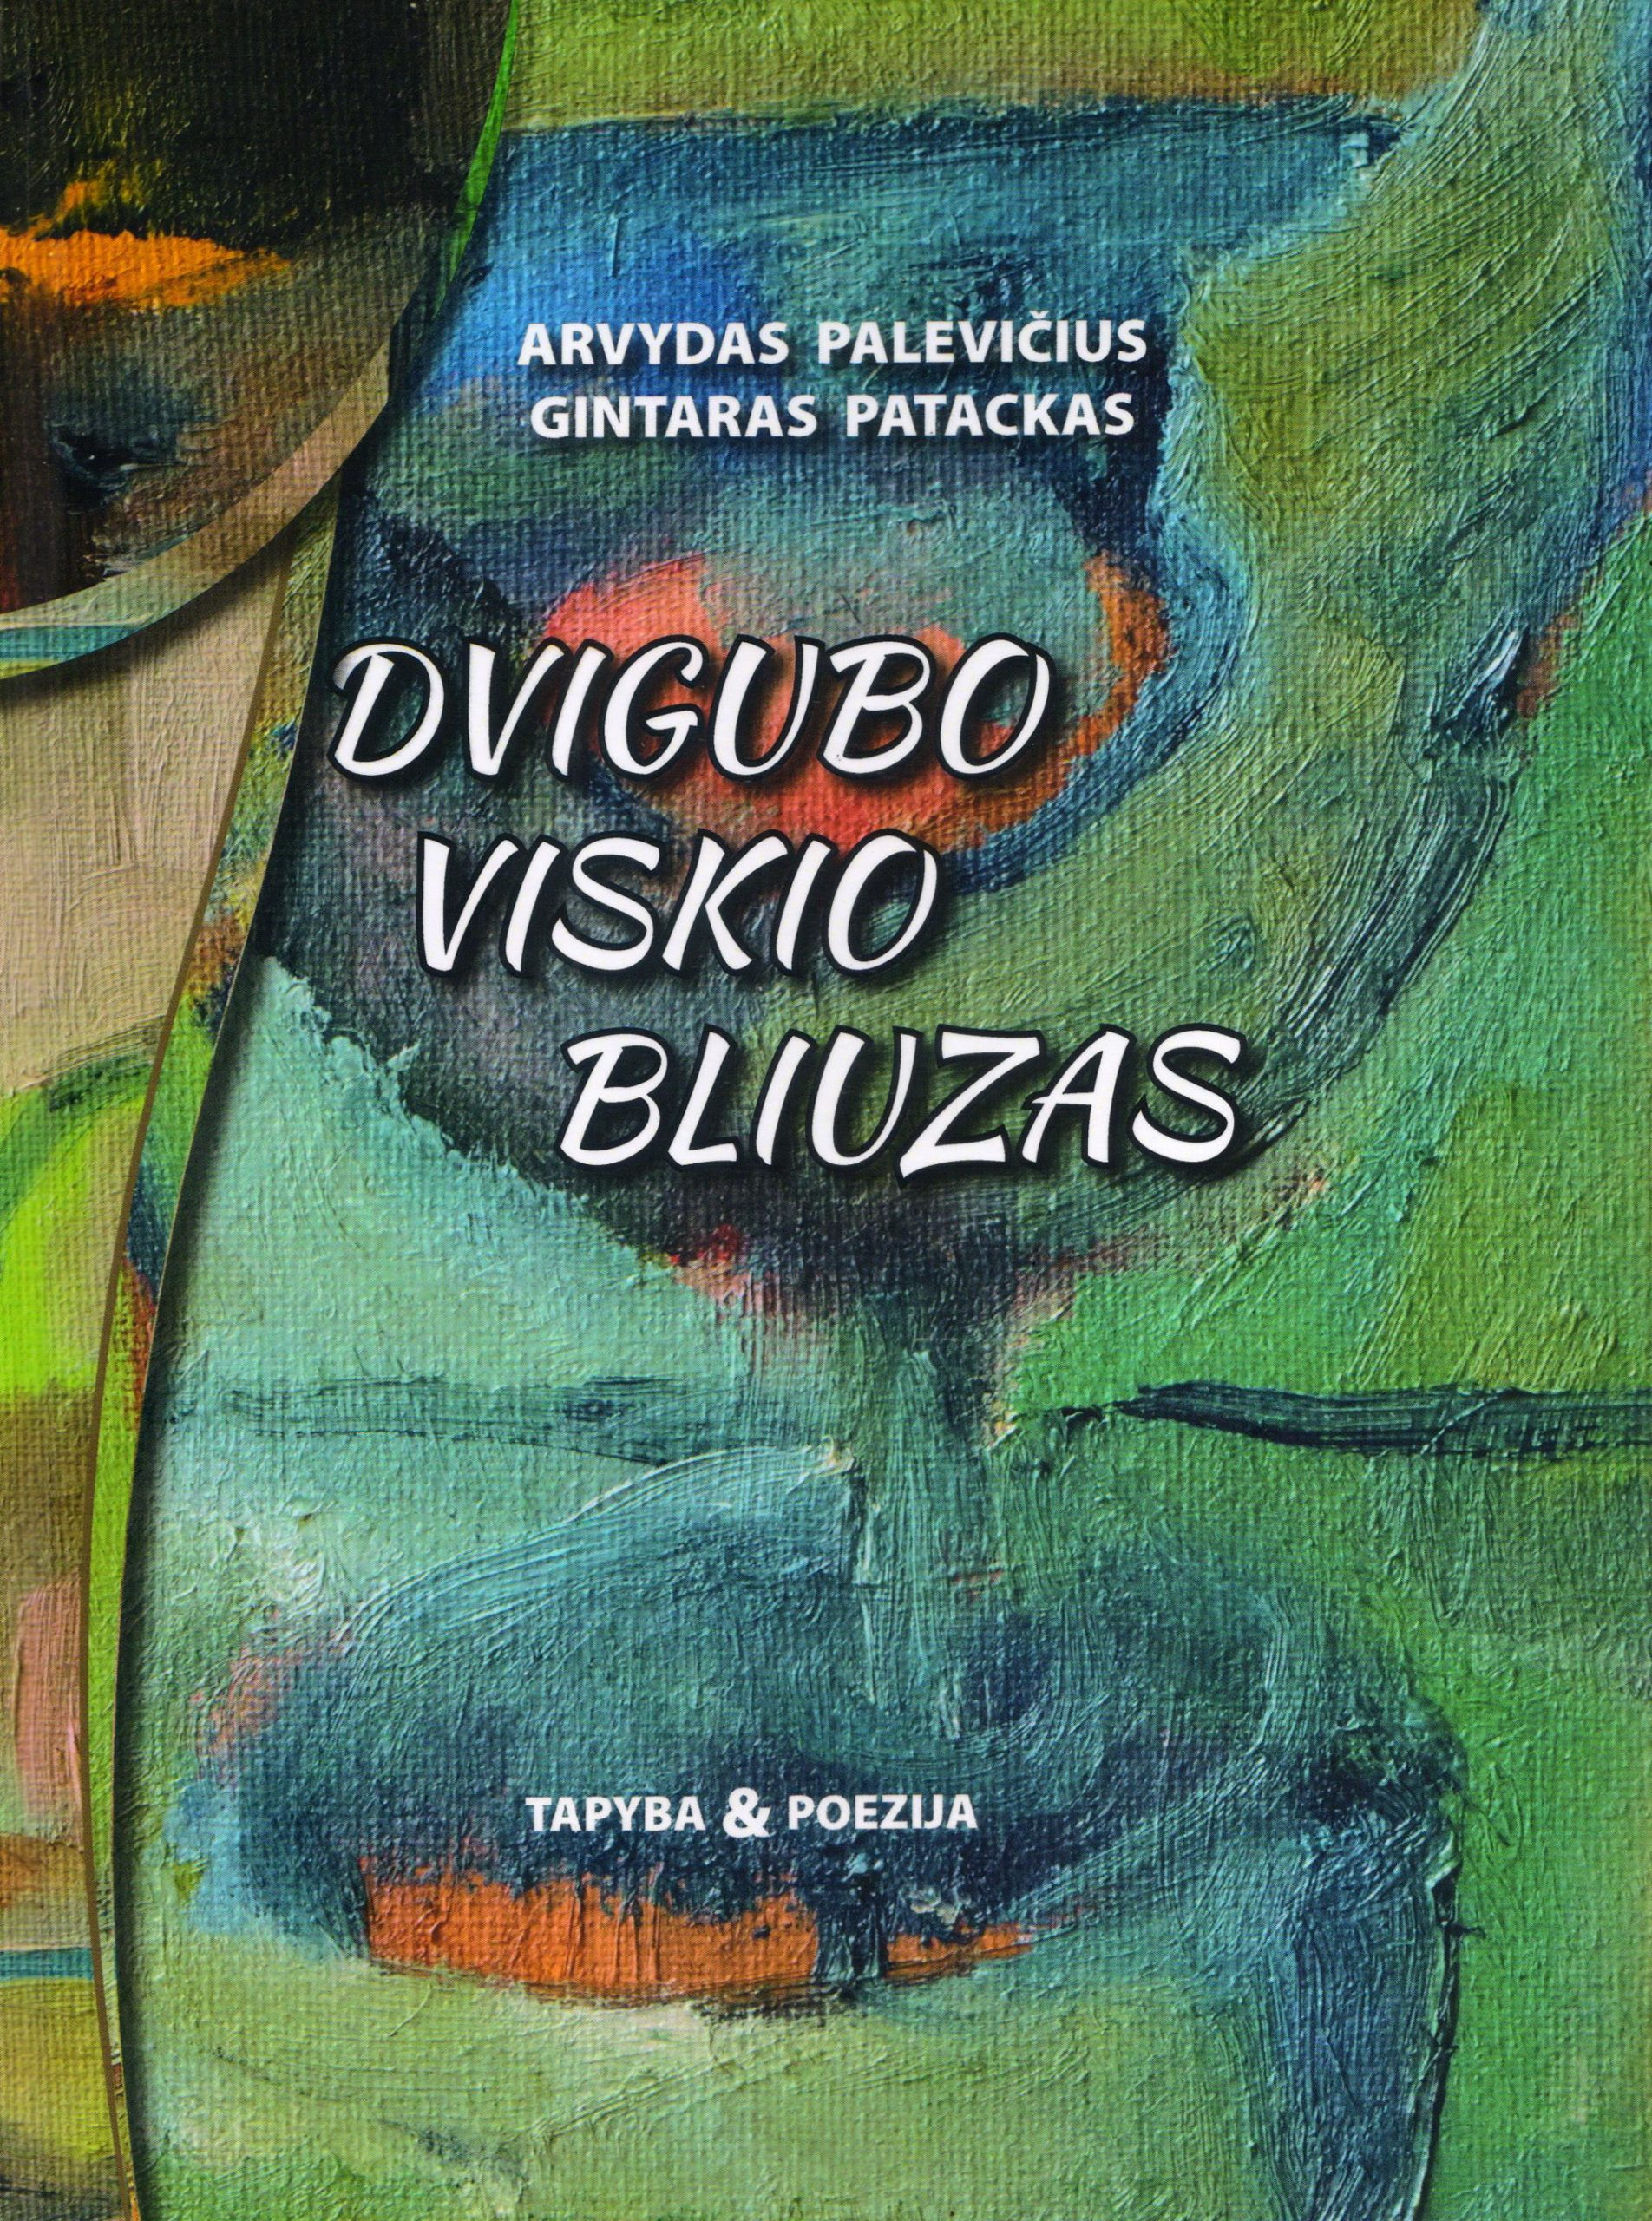 """Gintaras Patackas, Arvydas Palevičius. """"Dvigubo viskio bliuzas: tapyba & poezija"""" (Kaunas: MB Kitos spalvos, 2020)"""